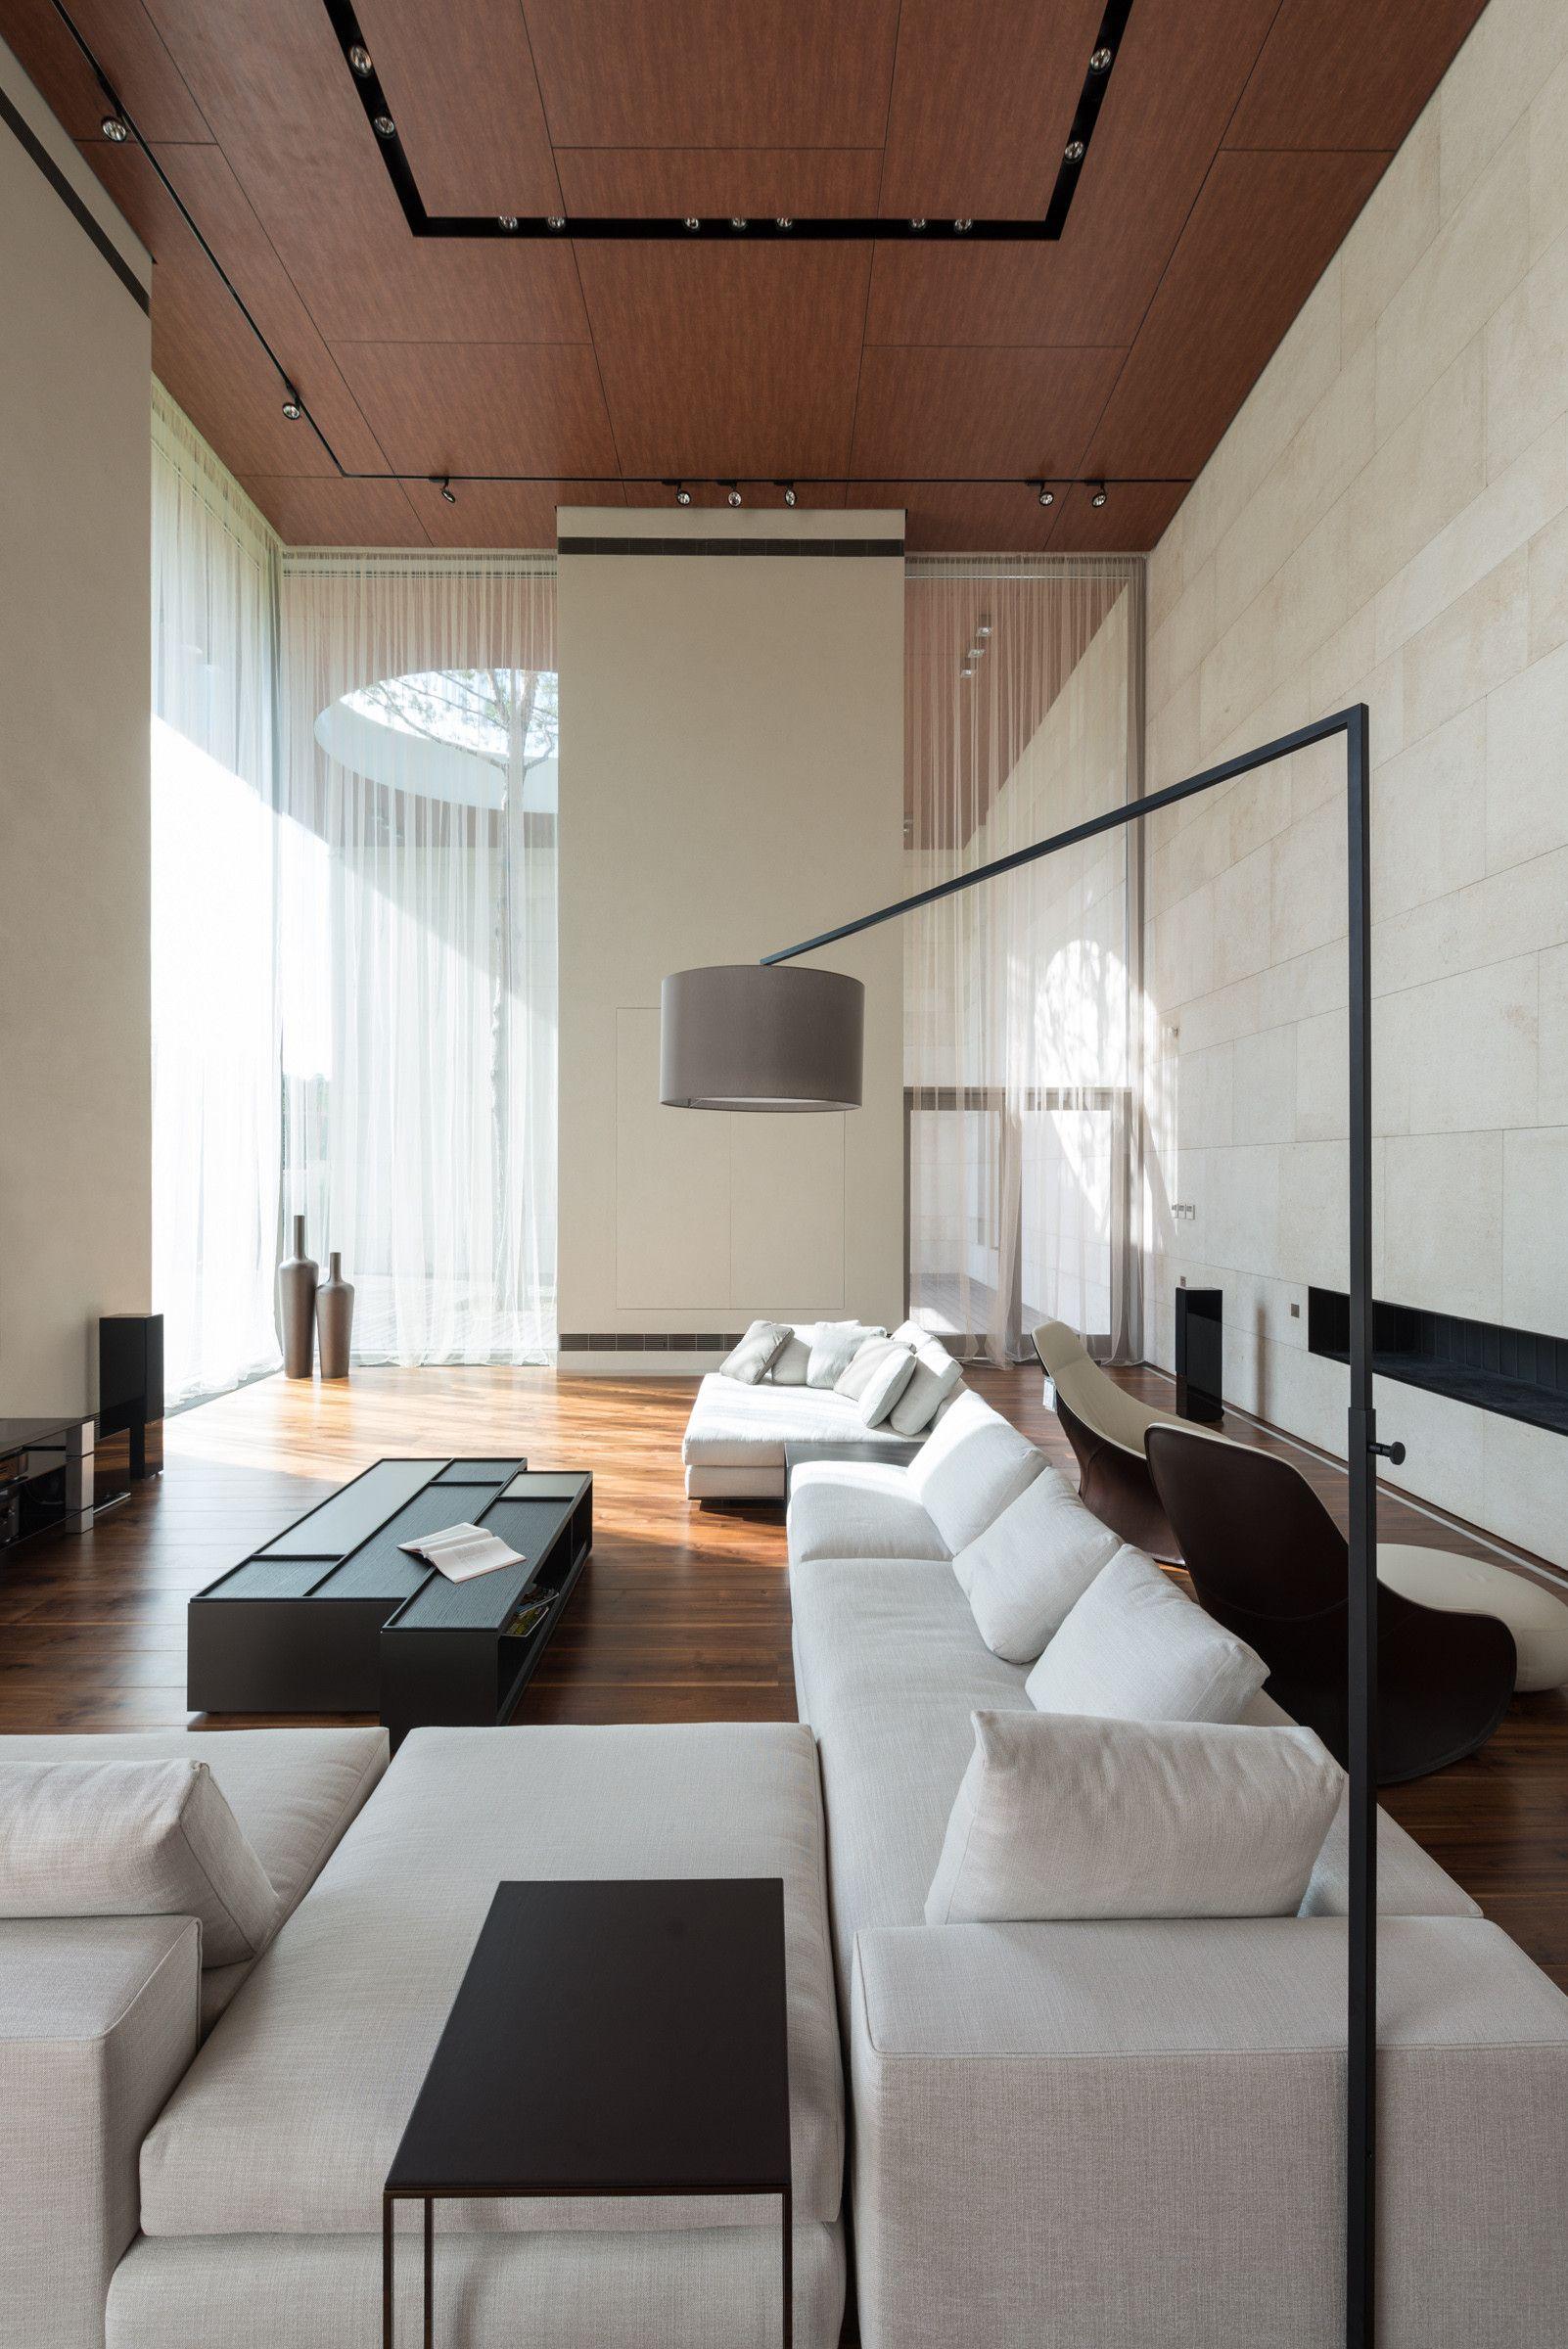 Interior design decoración moderna interiores design diseño de interiores interiores modernos diseño